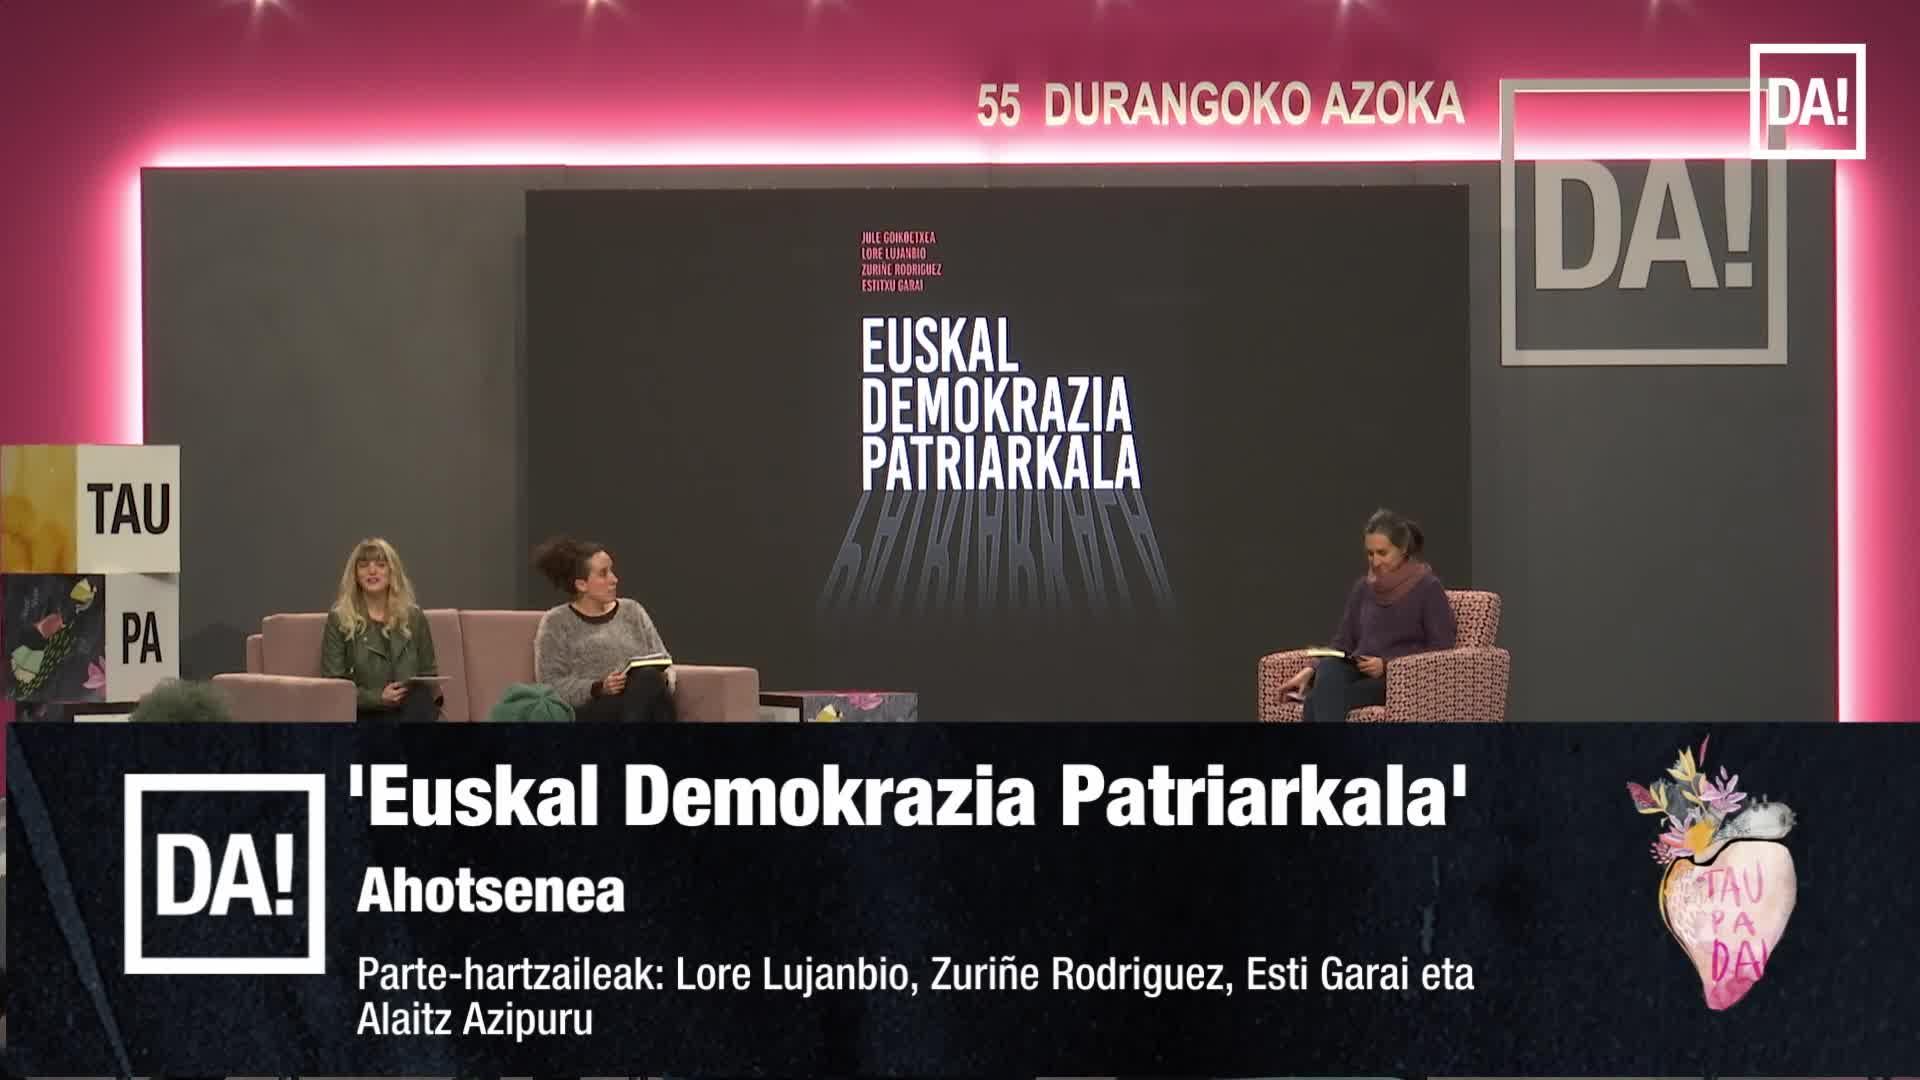 Lore Lujanbio, Zuriñe Rodriguez, Esti Garai